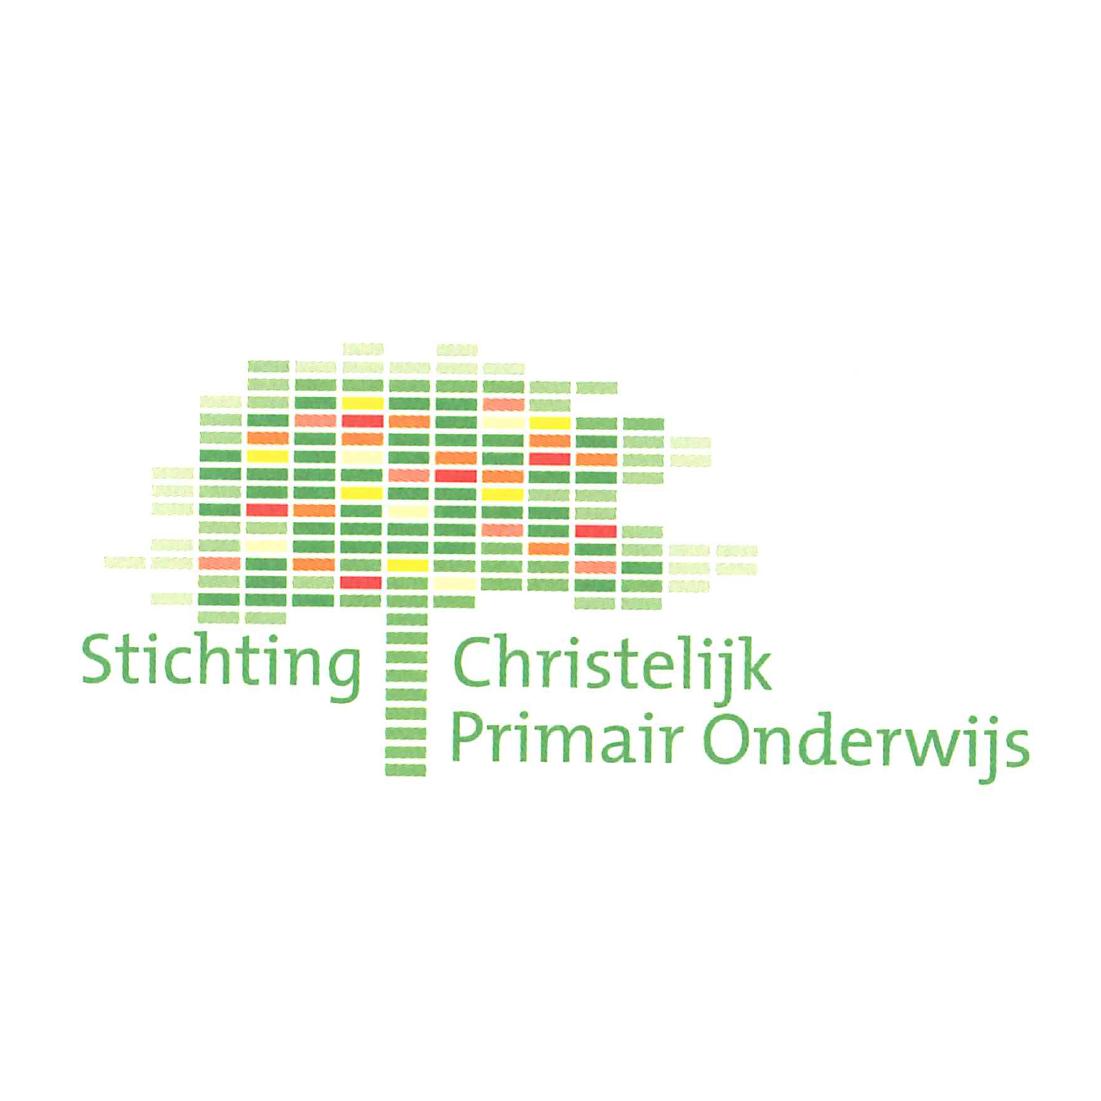 Stichting Christelijk Primair Onderwijs